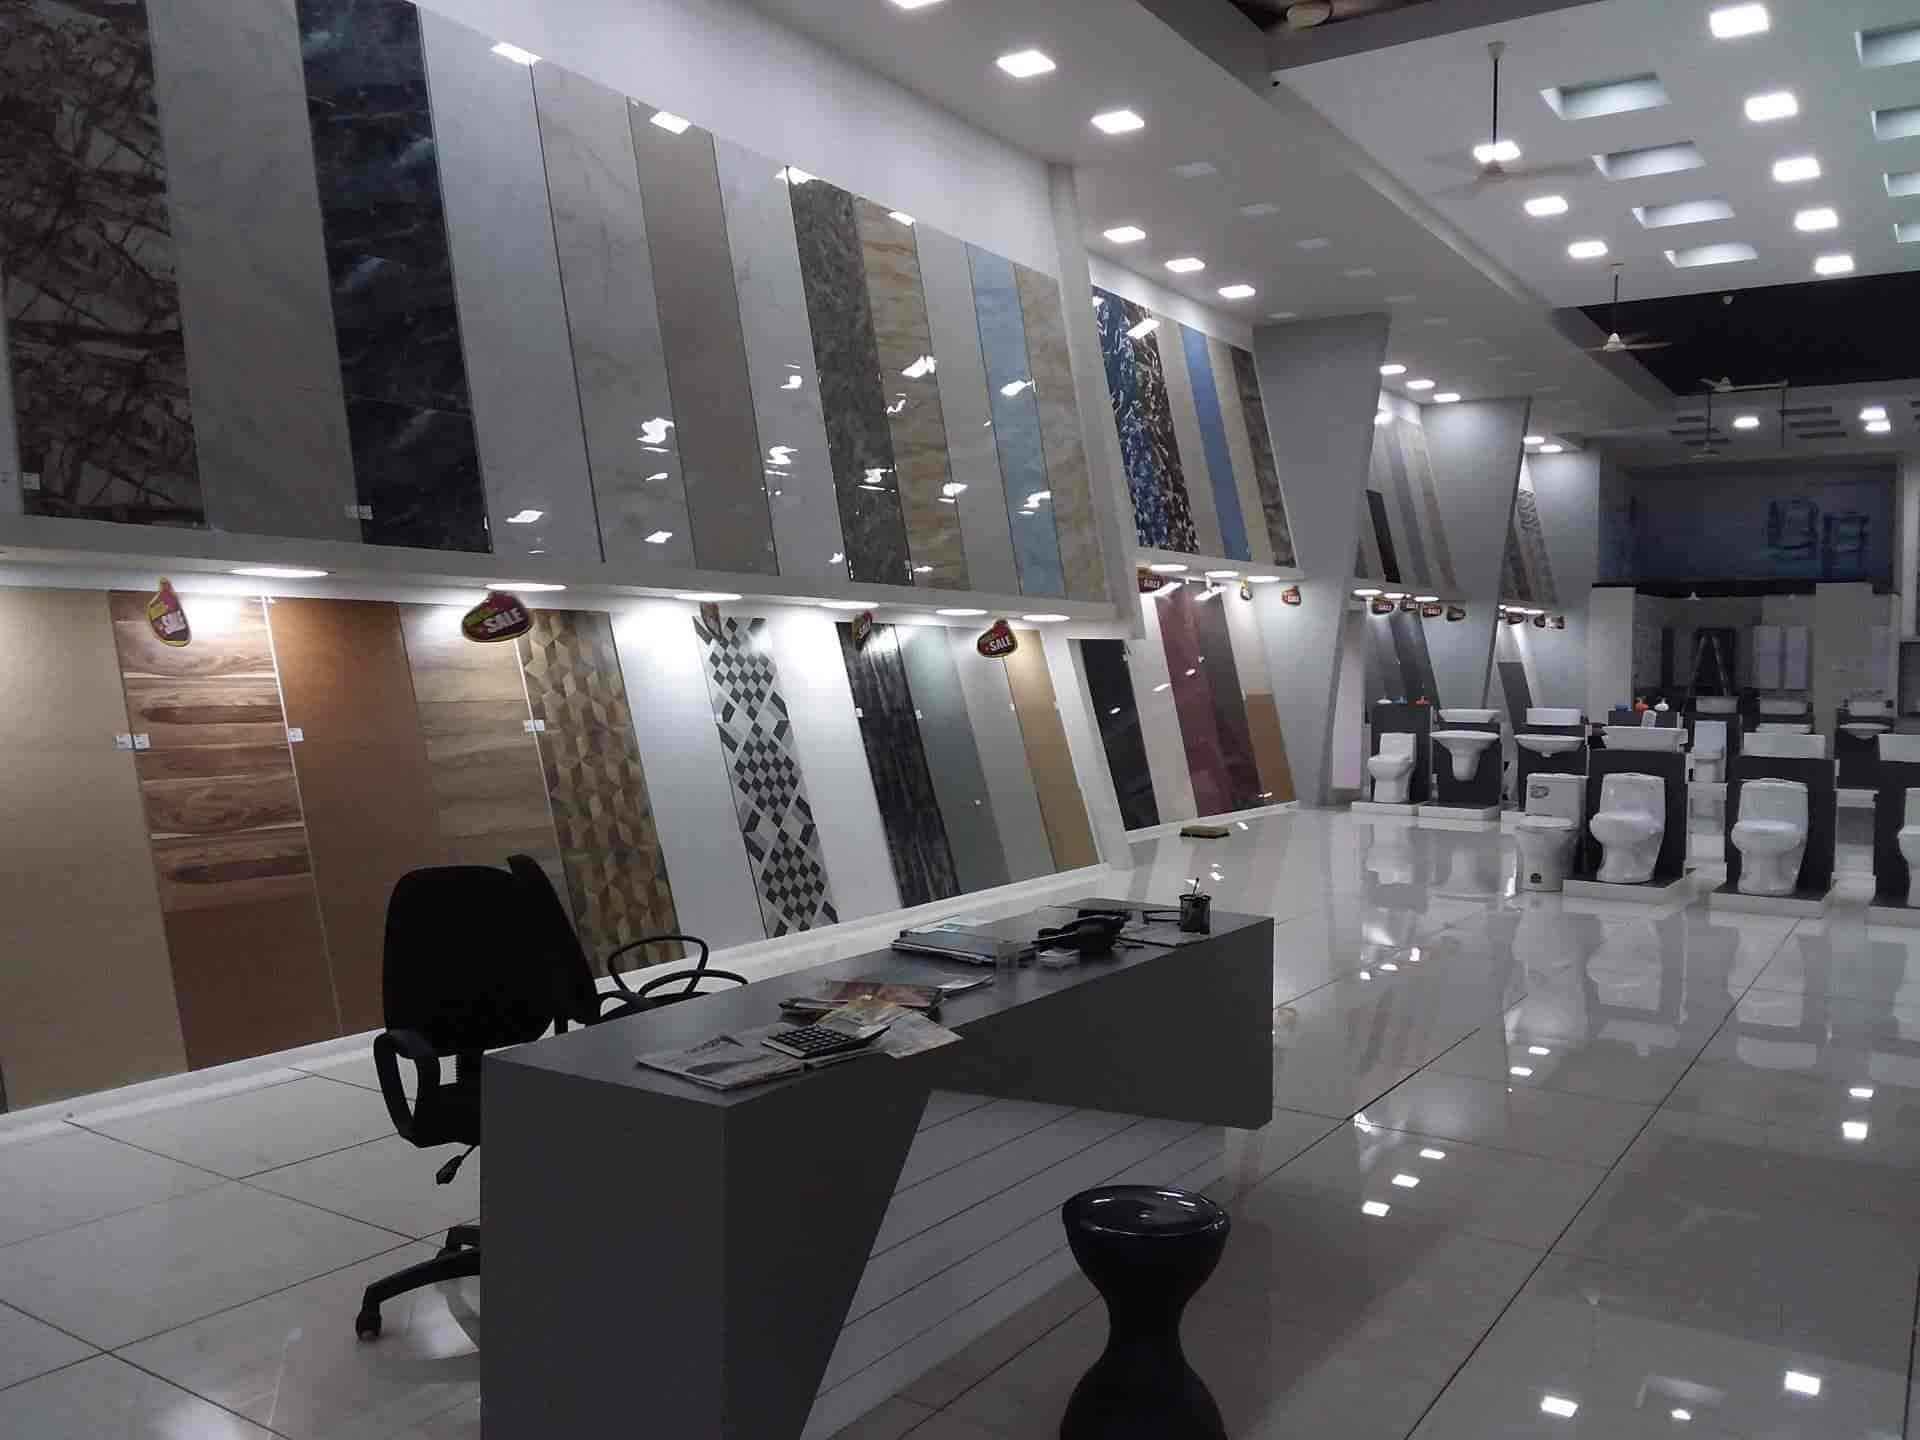 Orma Knr Tiles Sanitaries Pvt Ltd Ayankalam Tile Dealers In Malappuram Justdial